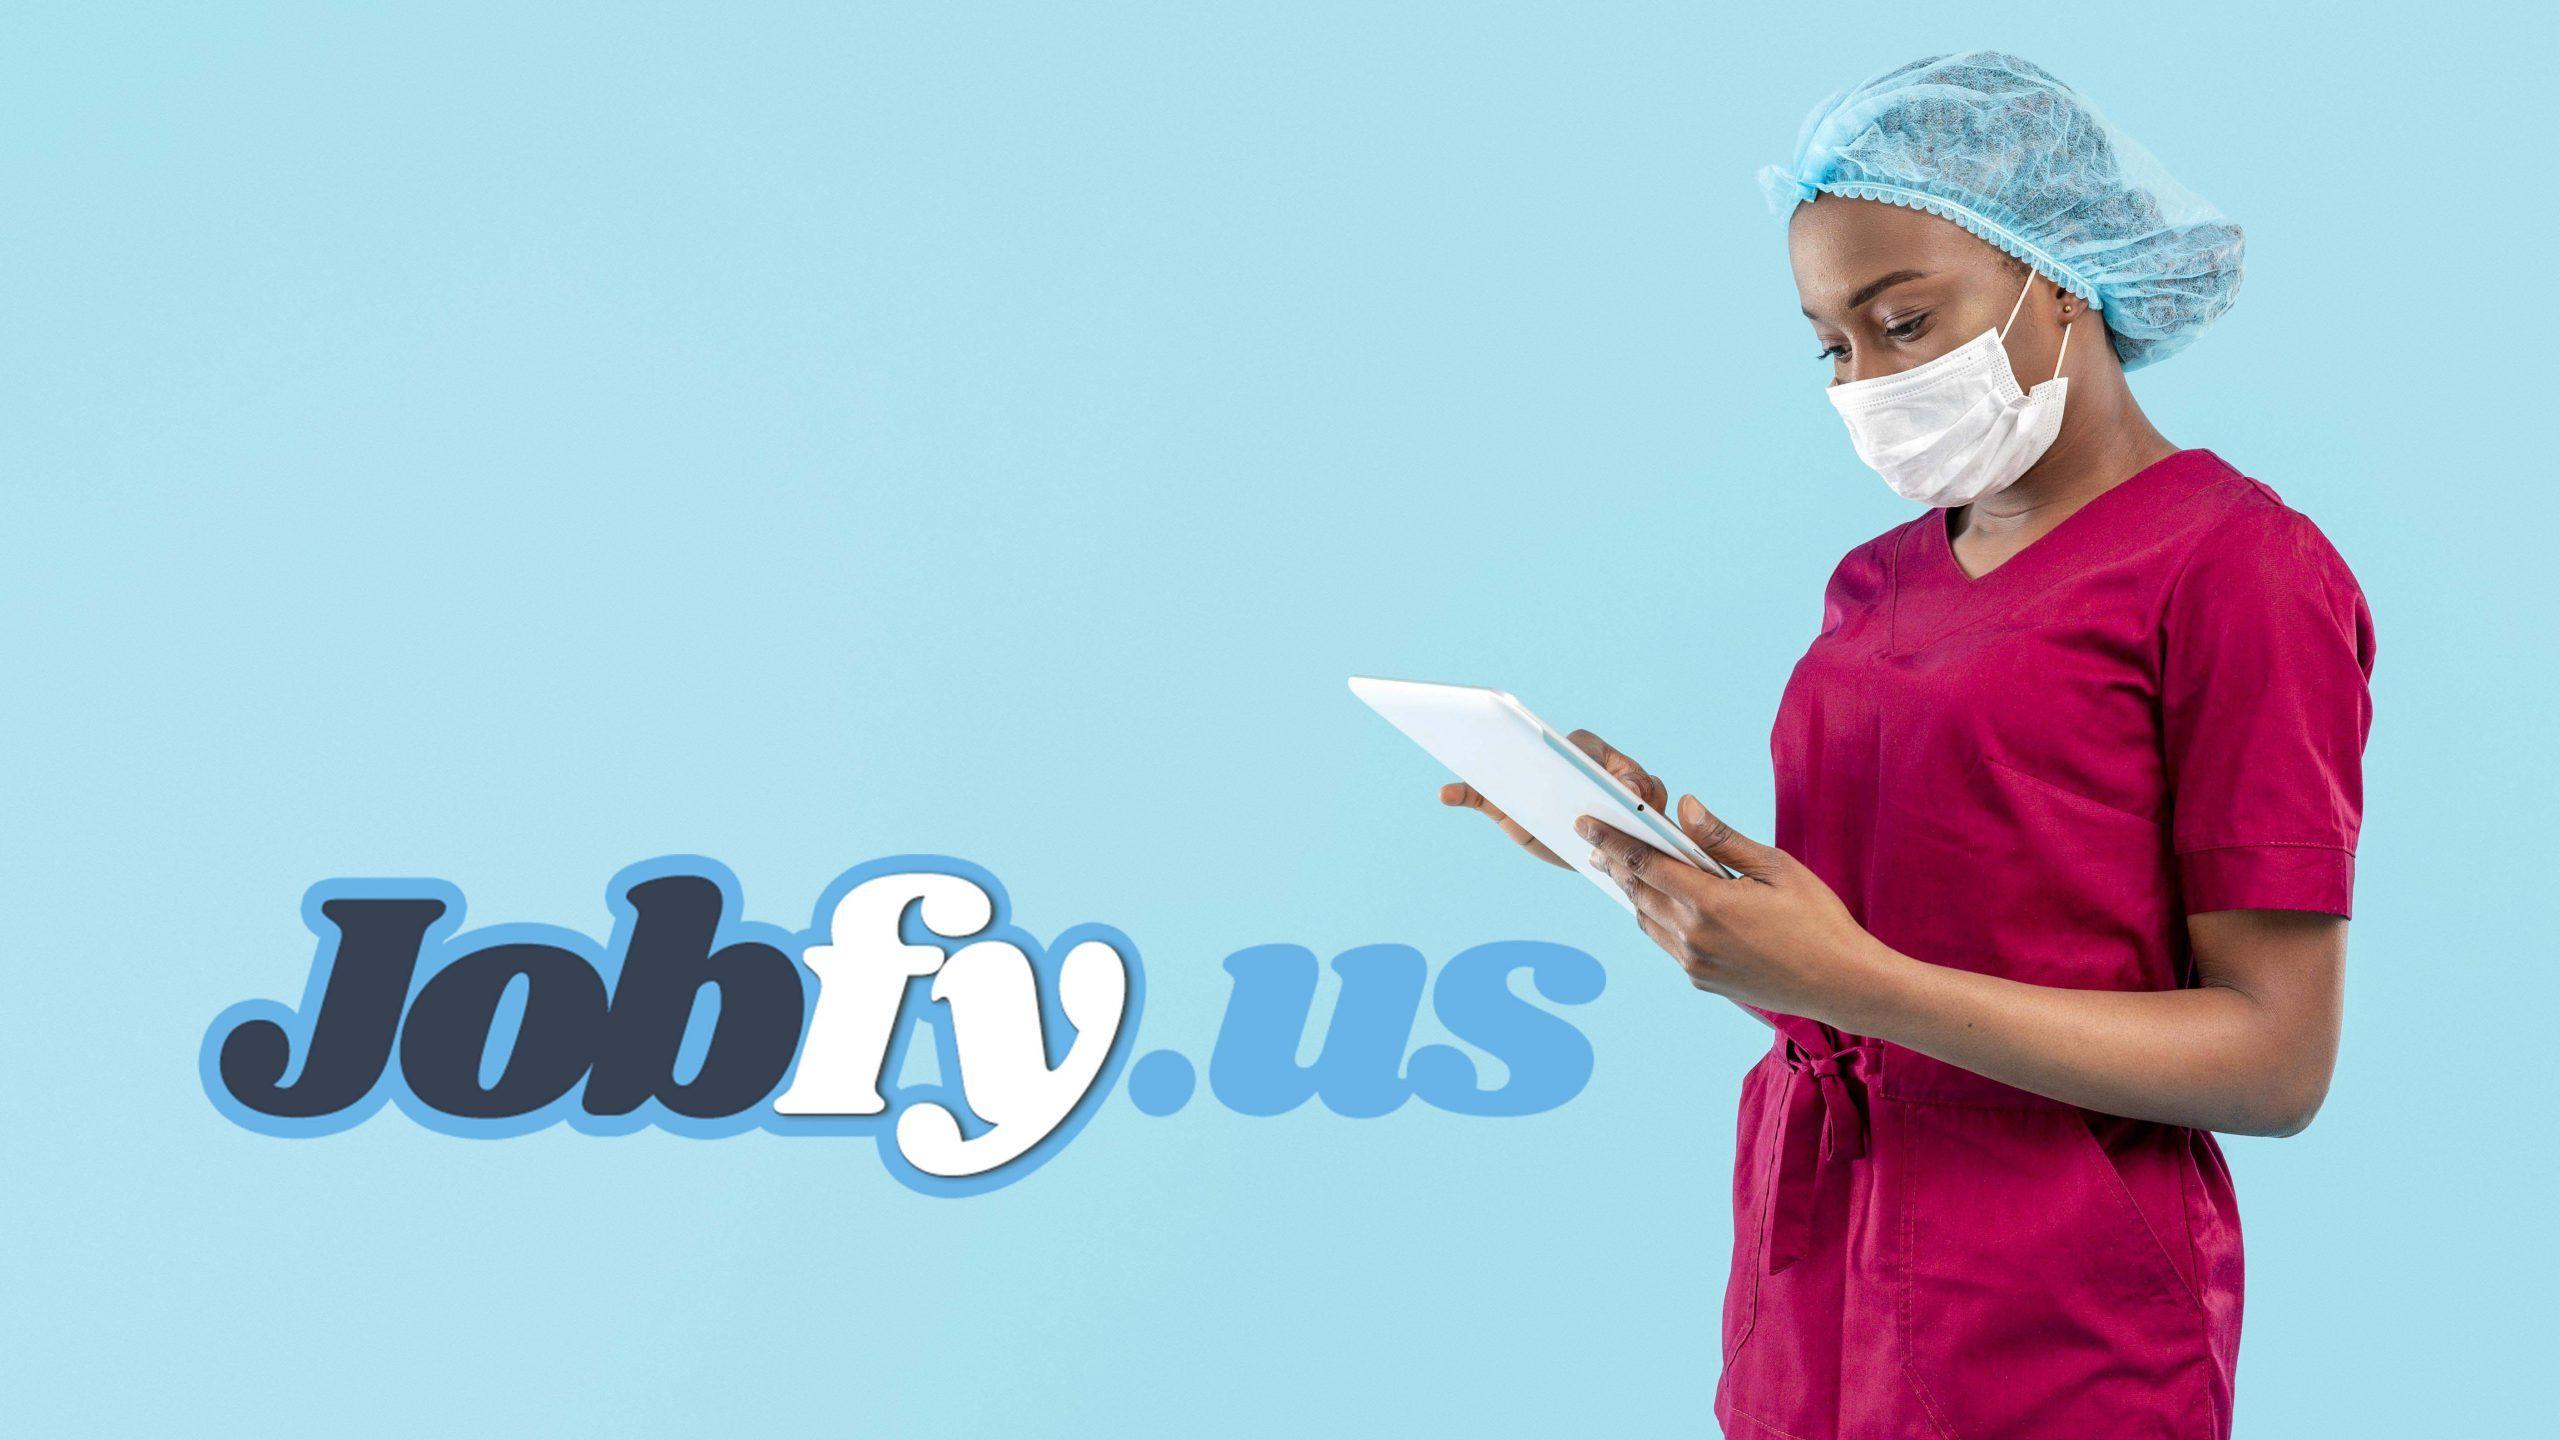 Jobfy.us reclutará 1,500 enfermeras para luchar contra COVID-19